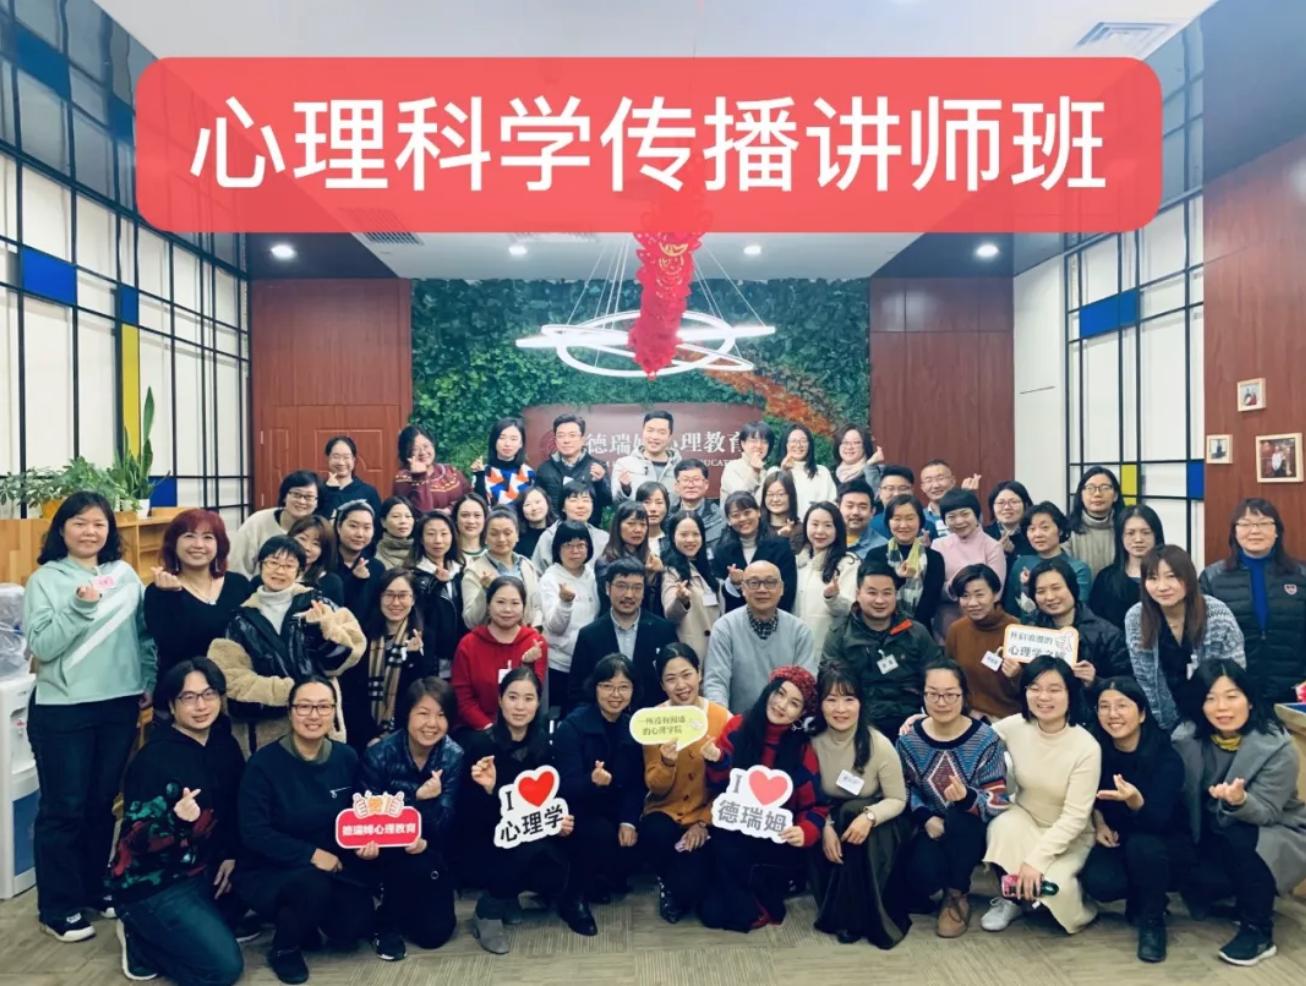 新一期心理科学传播讲师班(上海校区)顺利开班!